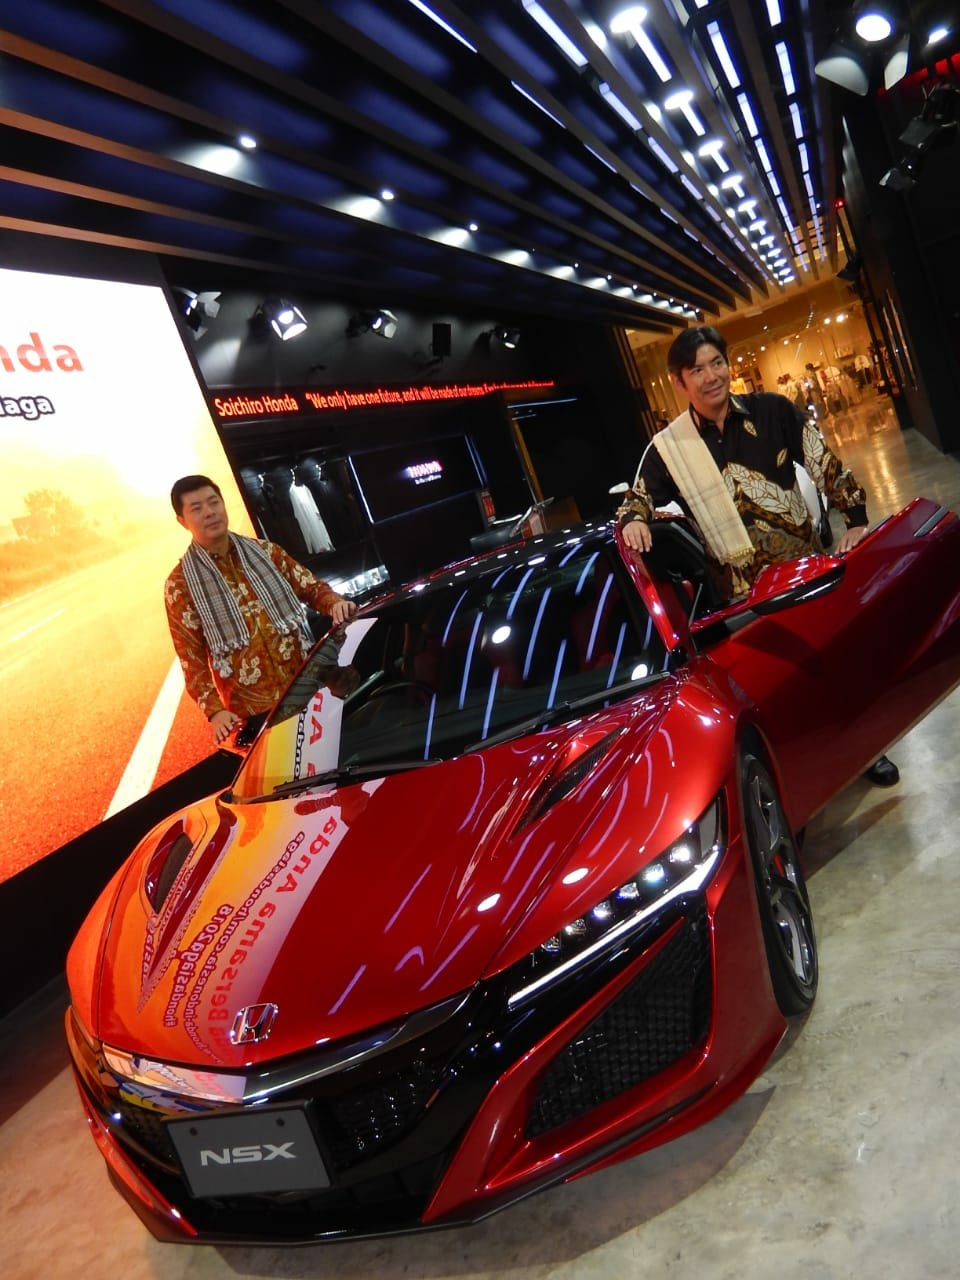 640 Koleksi Gambar Mobil Sport Honda Nsx Gratis